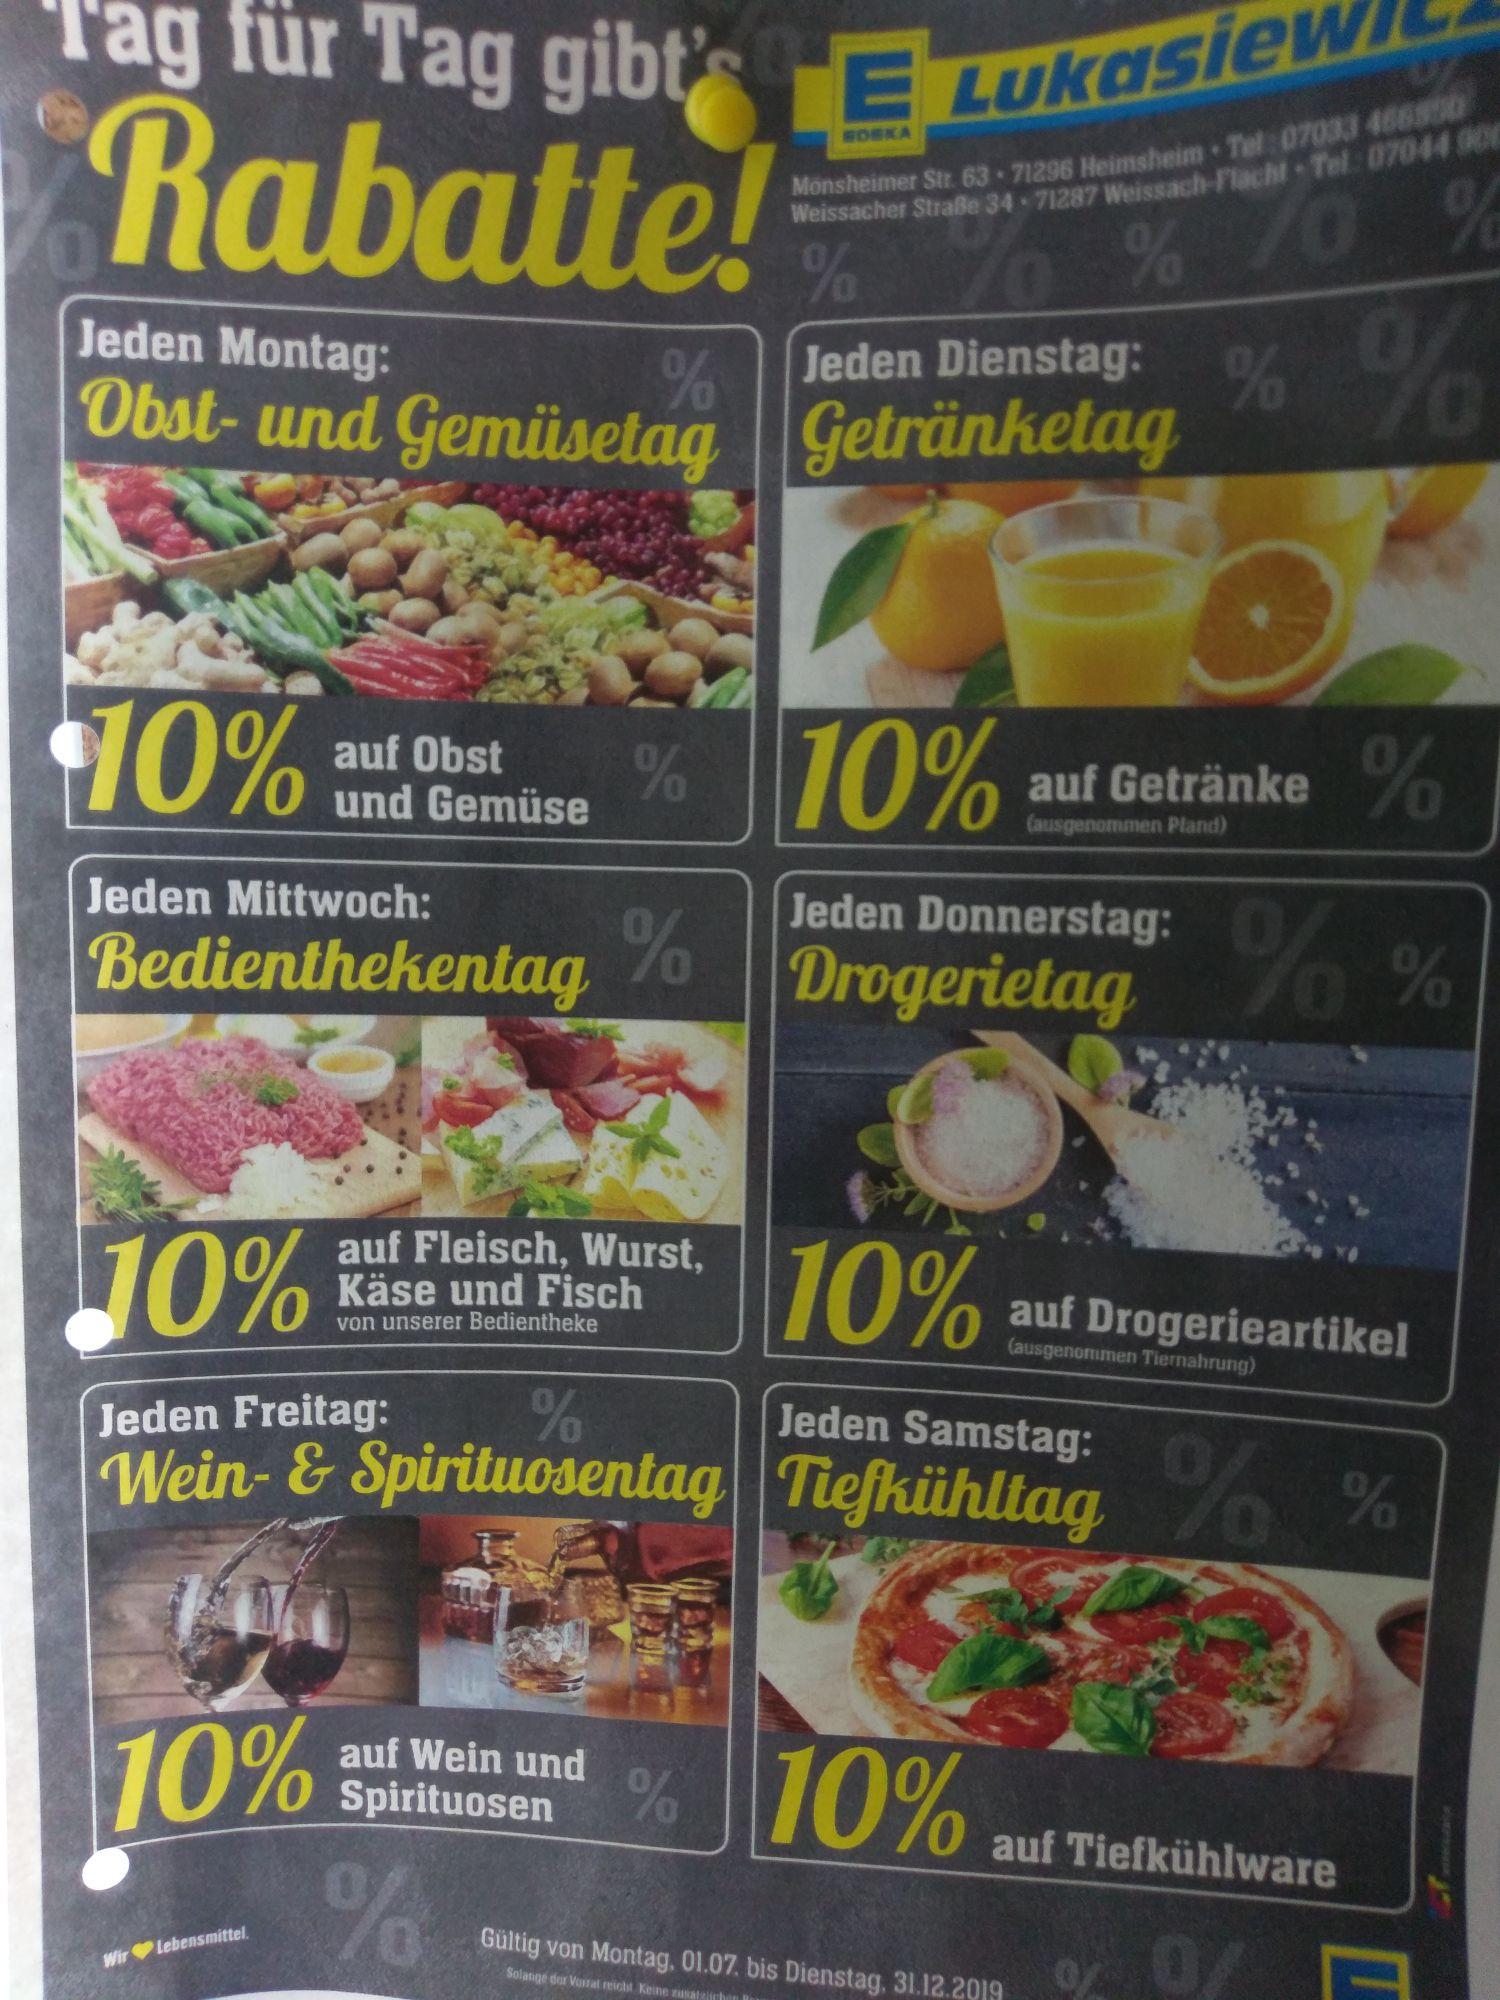 Edeka Weissach/ Flacht Jeden Tag 10% auf gesamte jeweilige Sortiment, Pampers, Coca Cola usw. Lokal